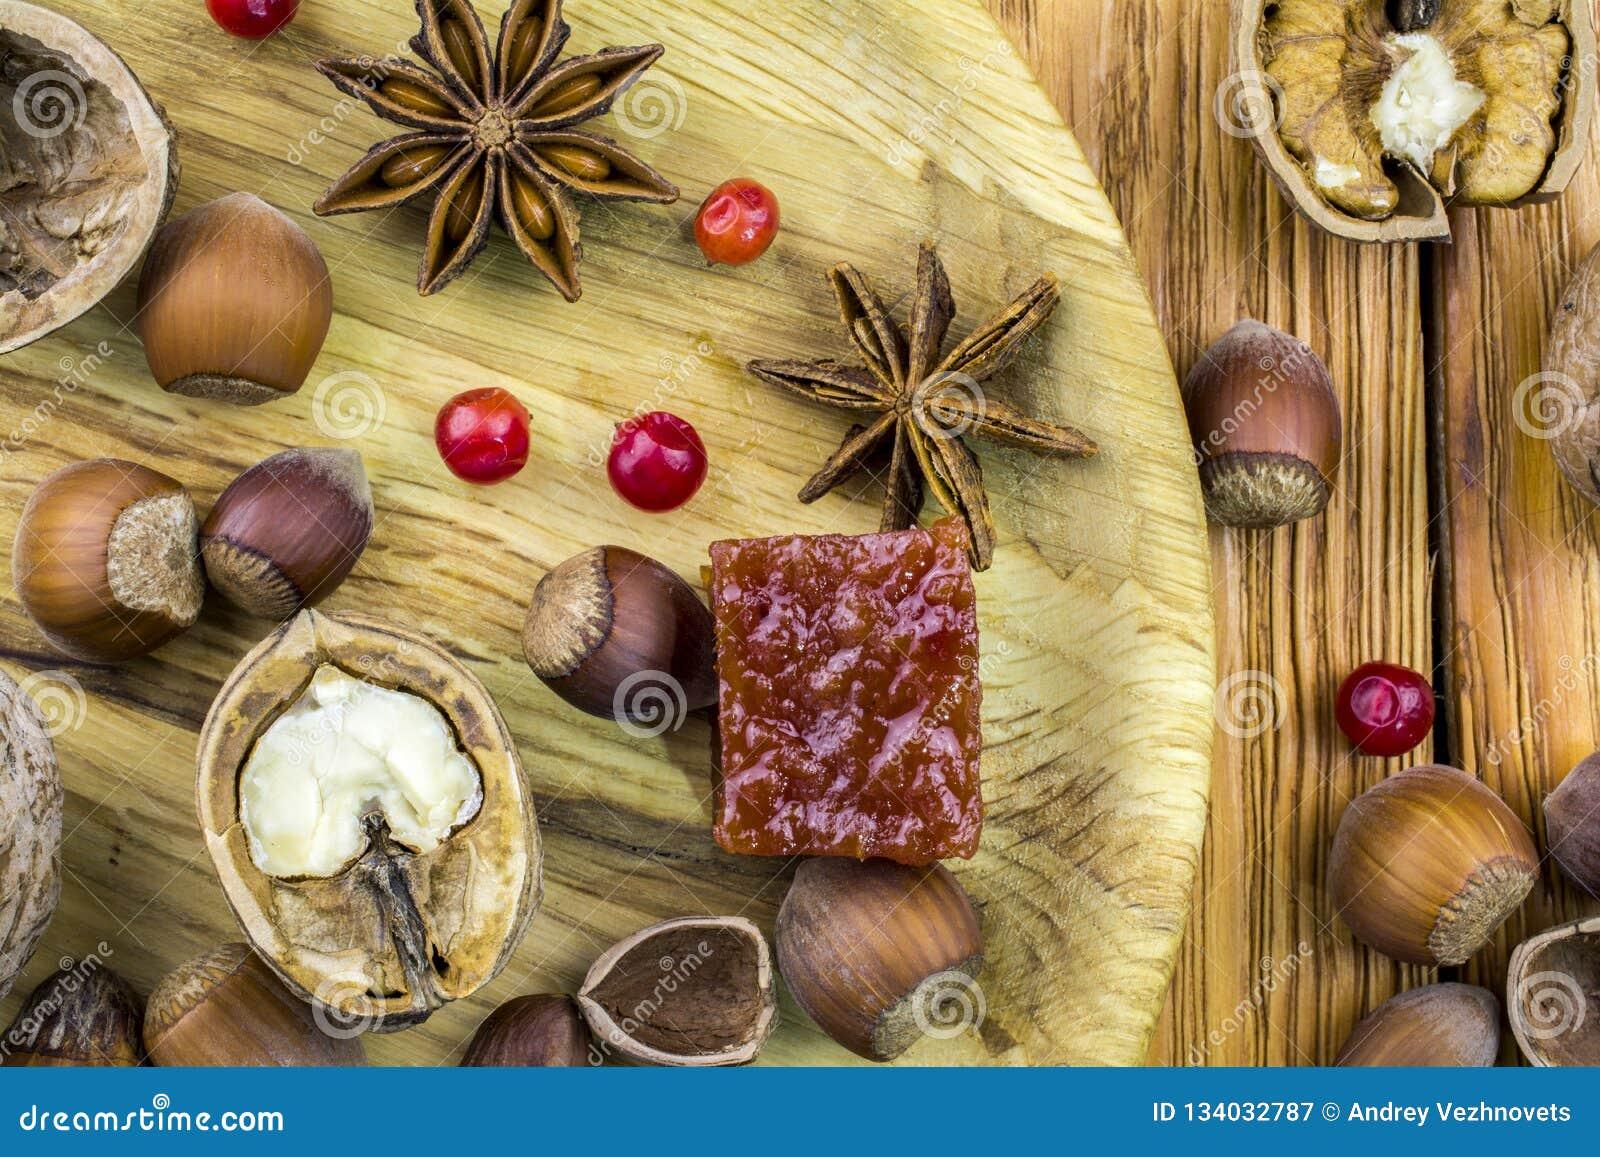 Τα ξύλα καρυδιάς και το φουντούκι βρίσκονται σε ένα ξύλινο κύπελλο στον πίνακα